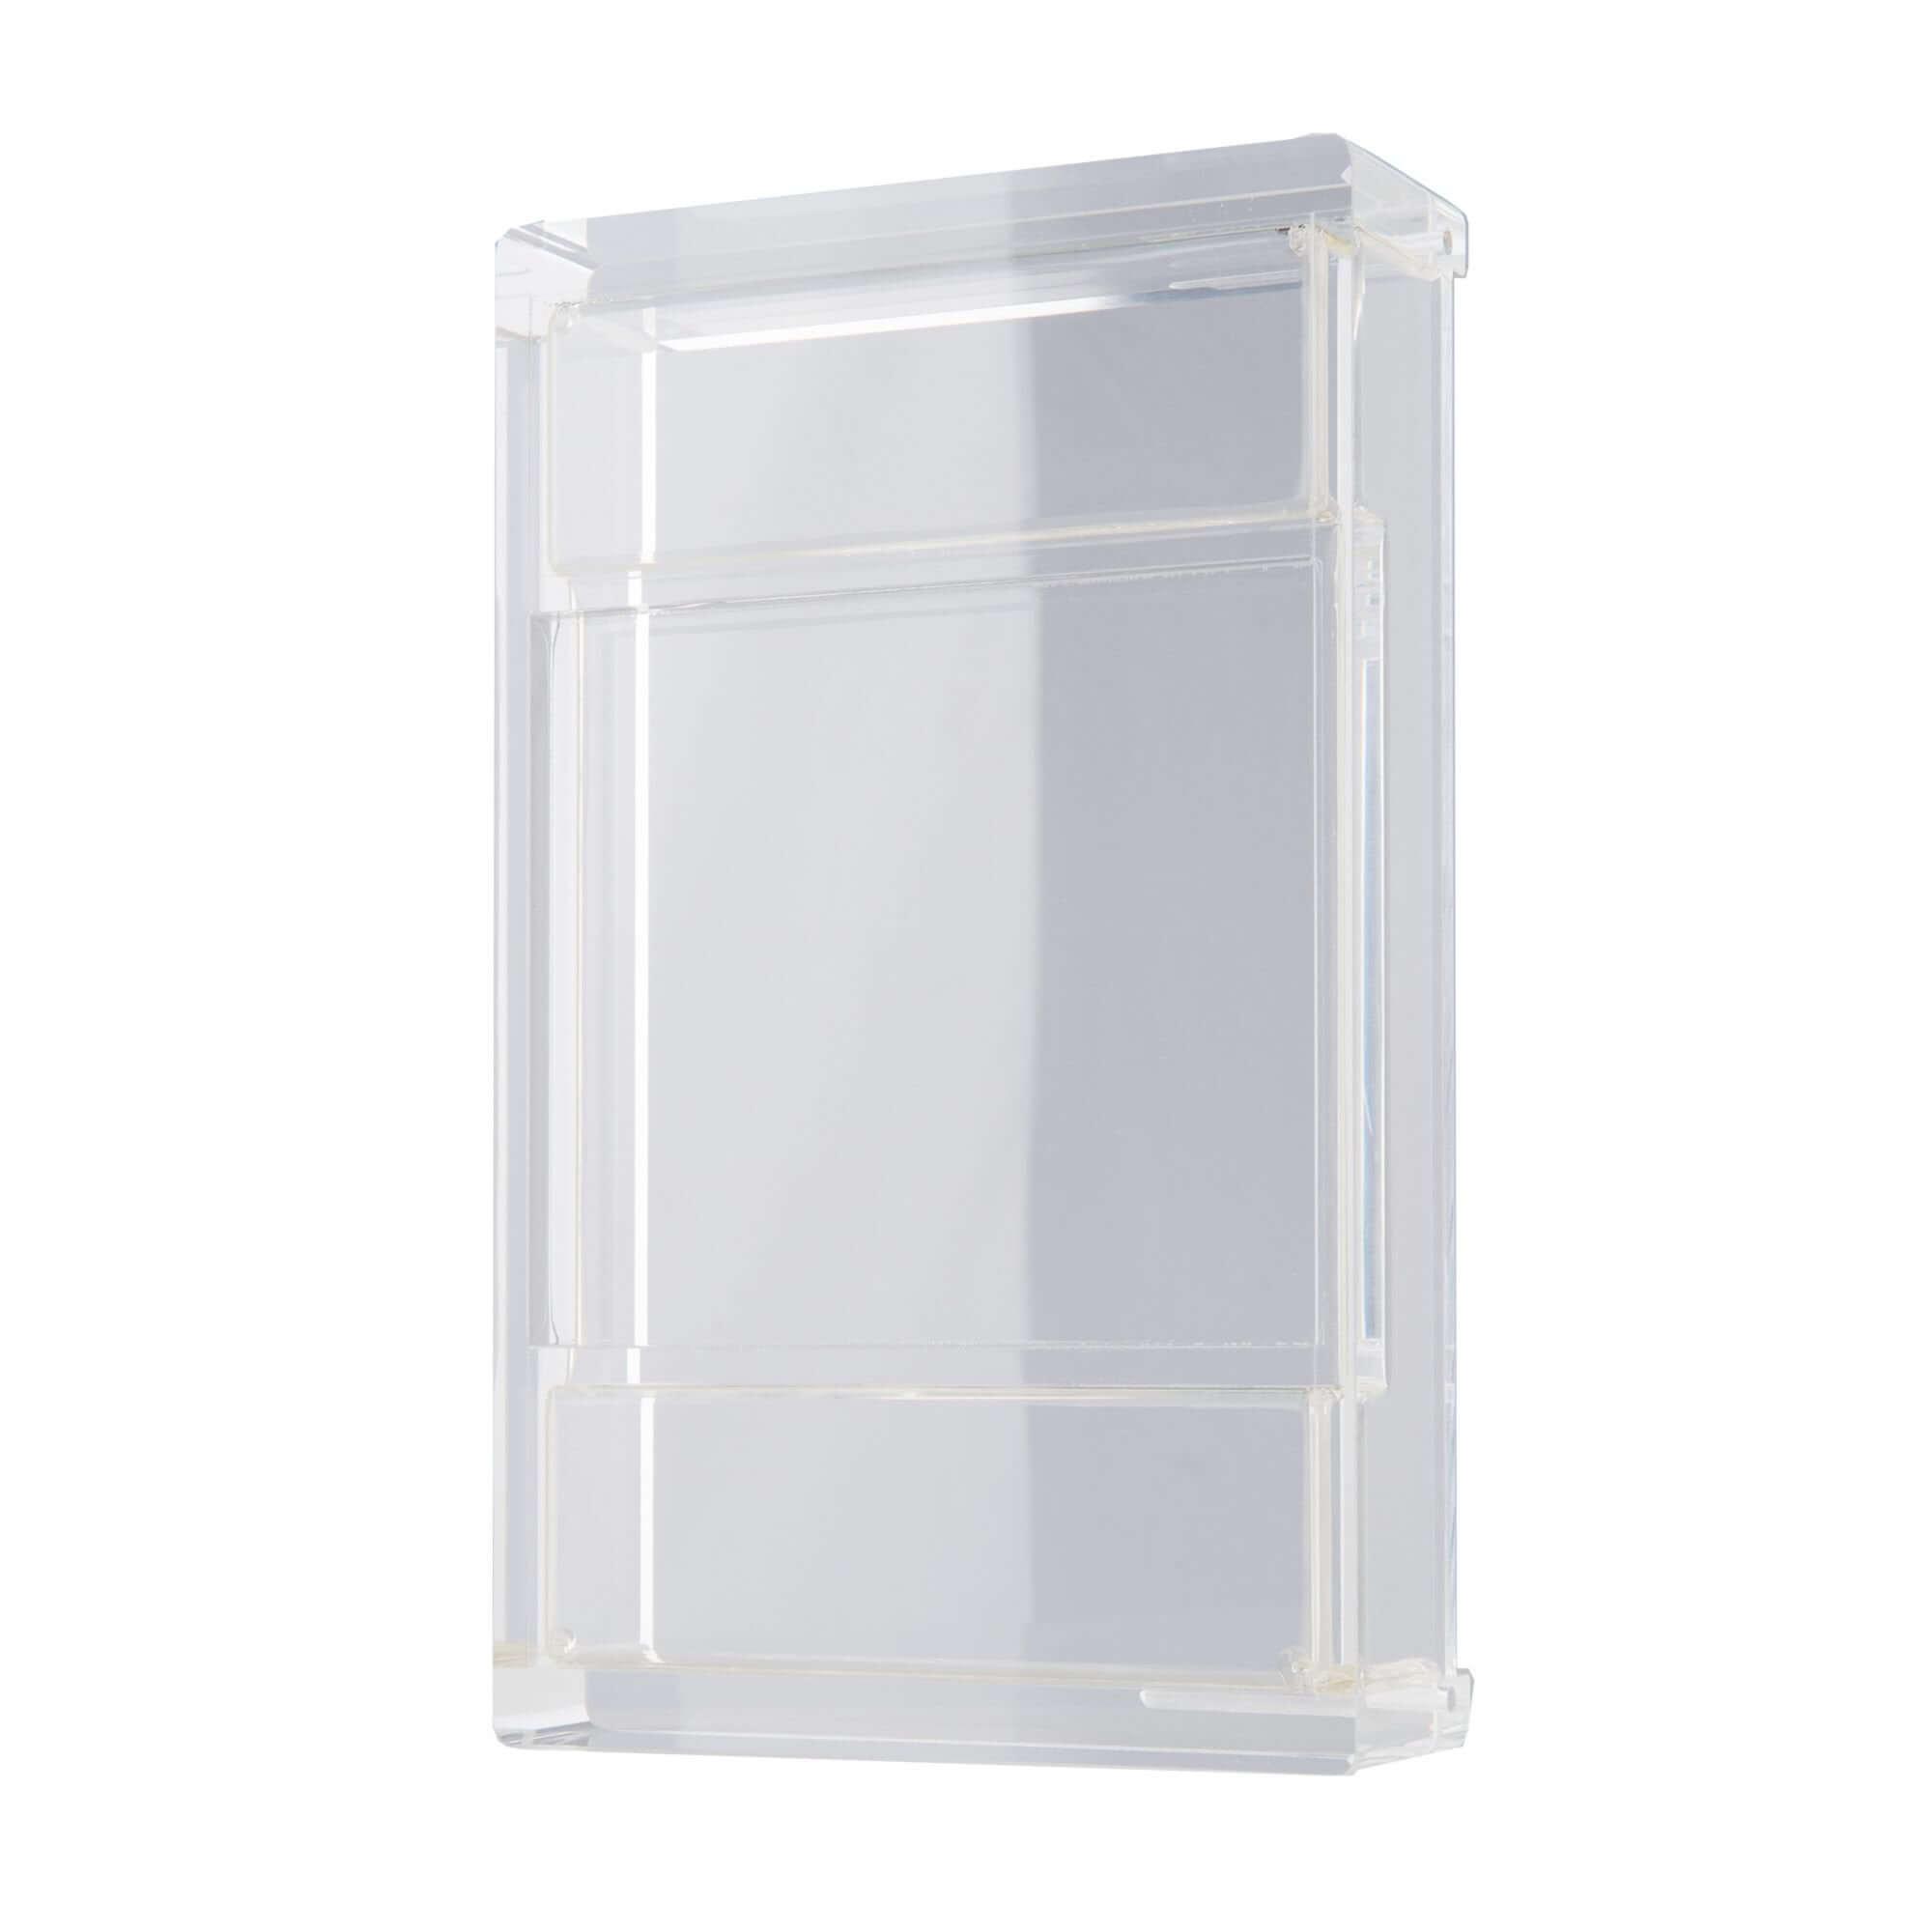 Box aus Acrylglas geklebt poliert